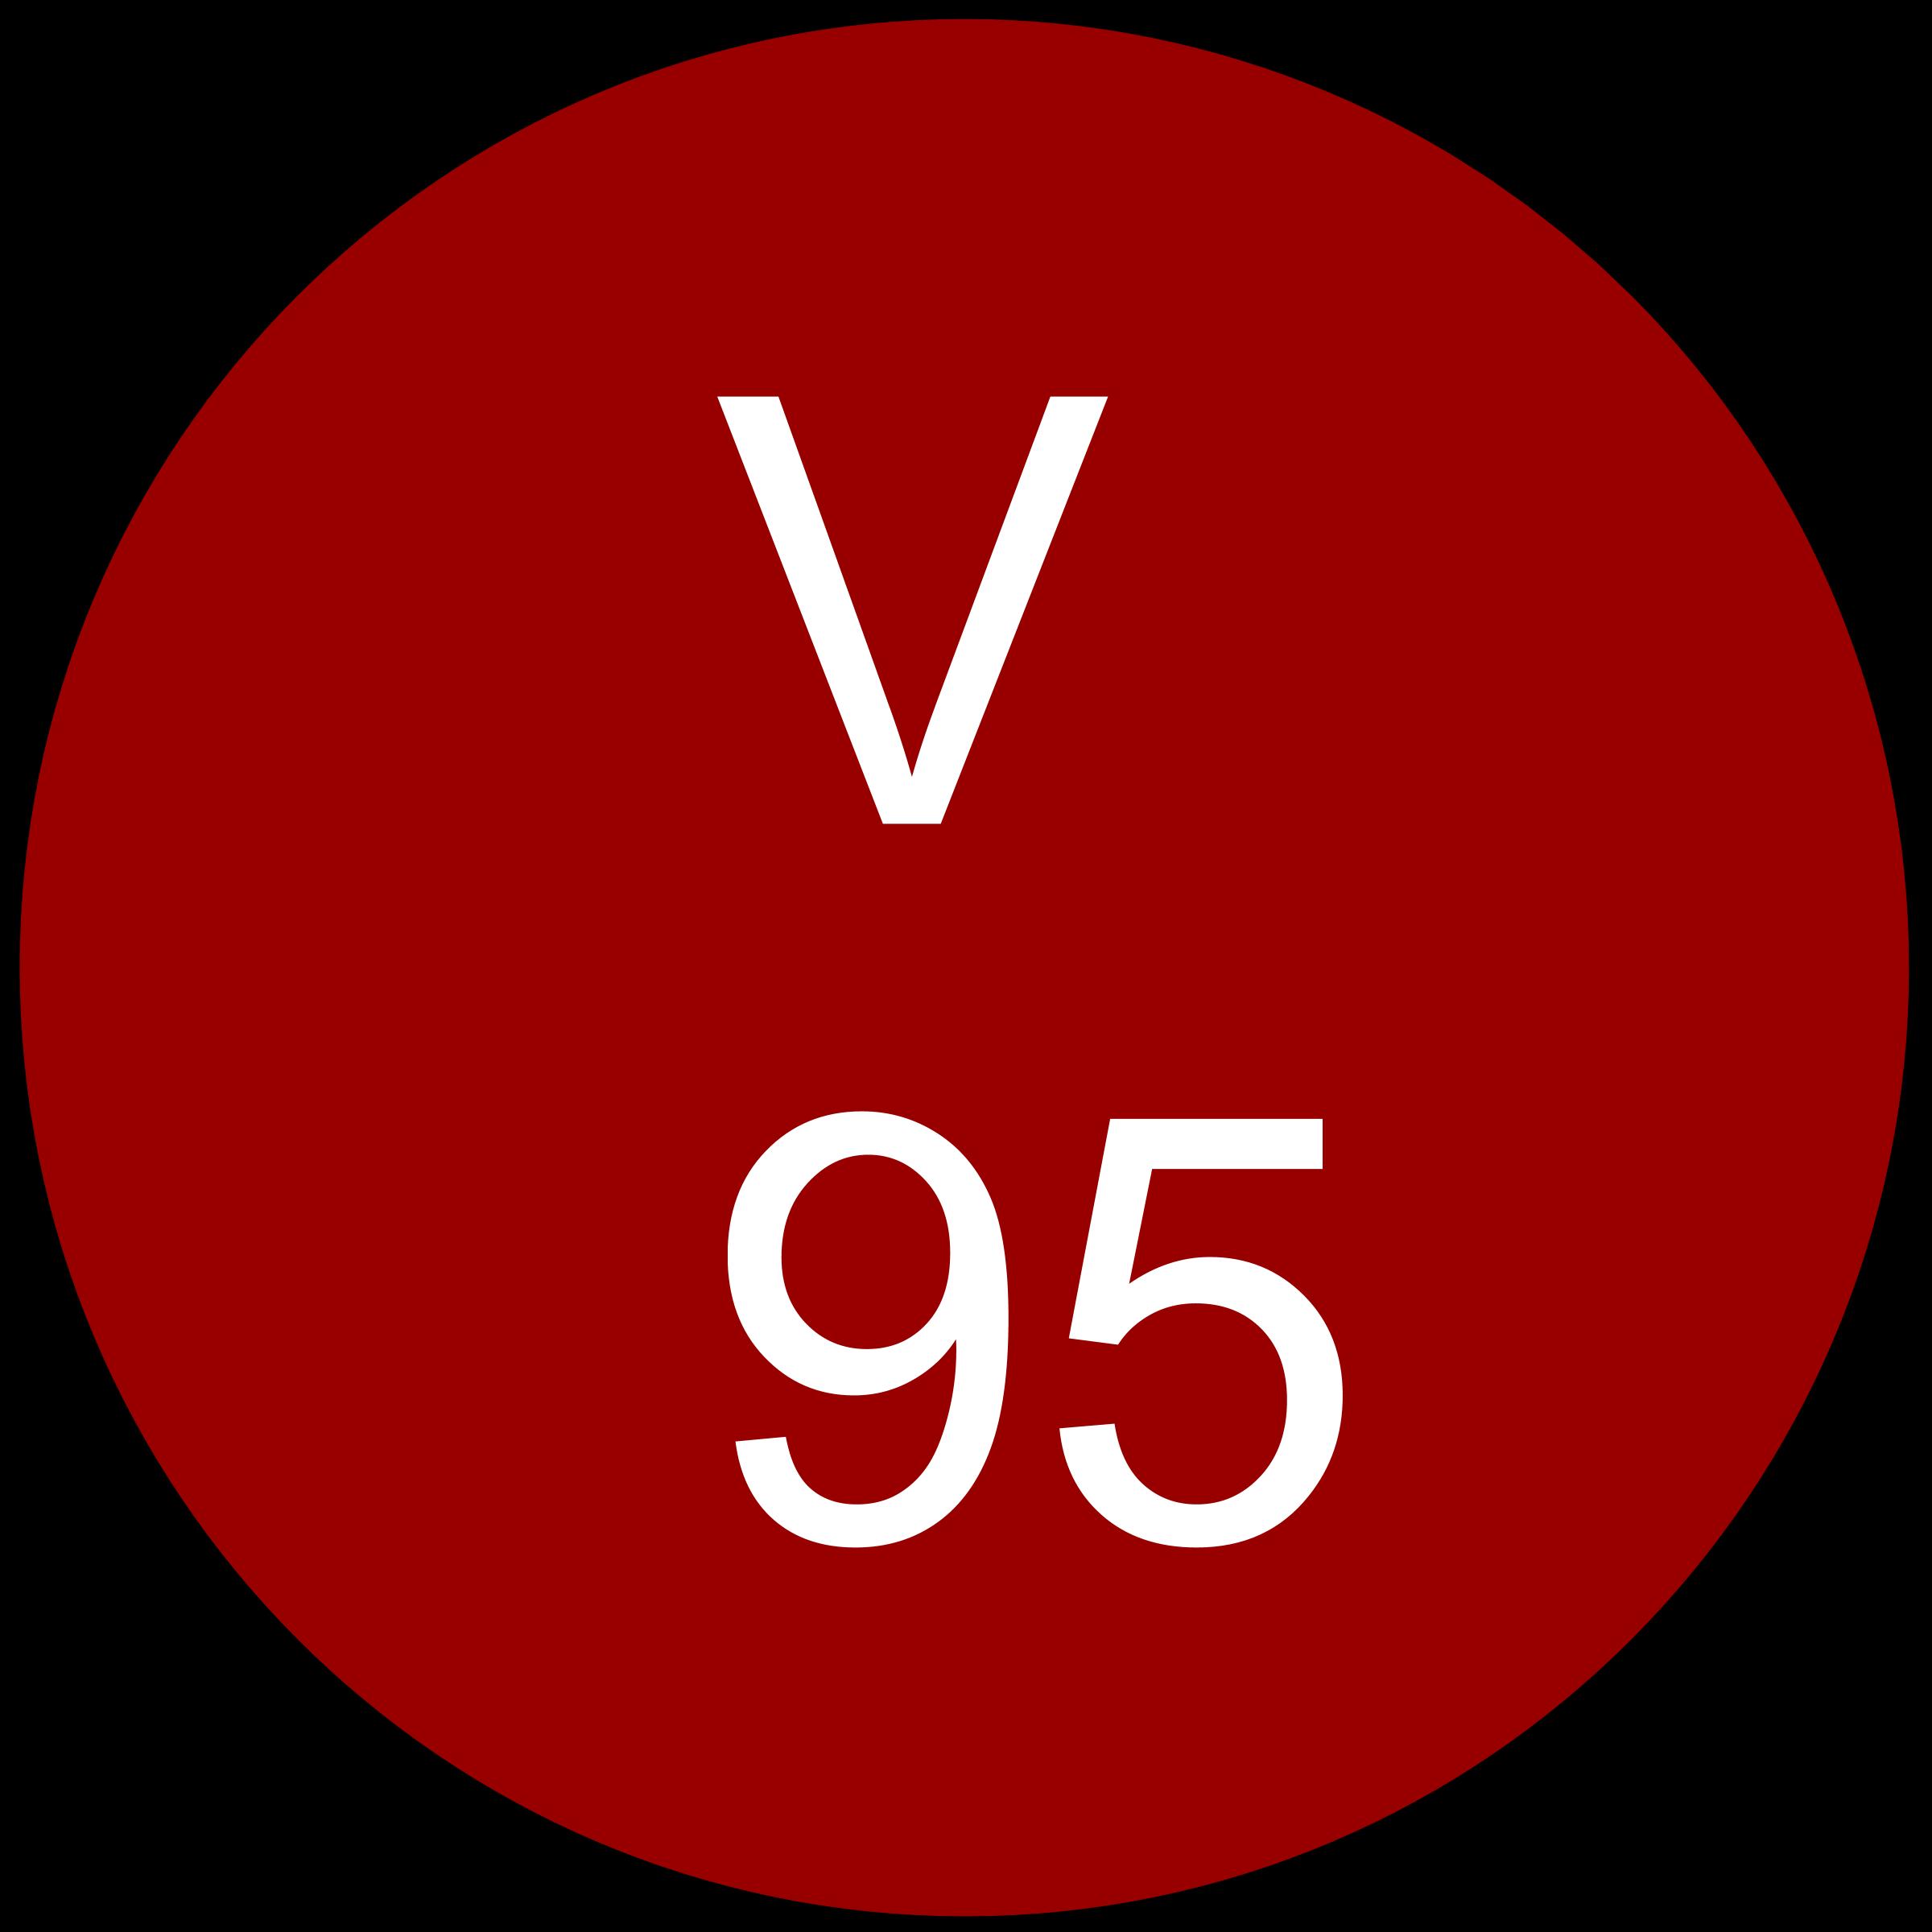 vinous-95-ratings